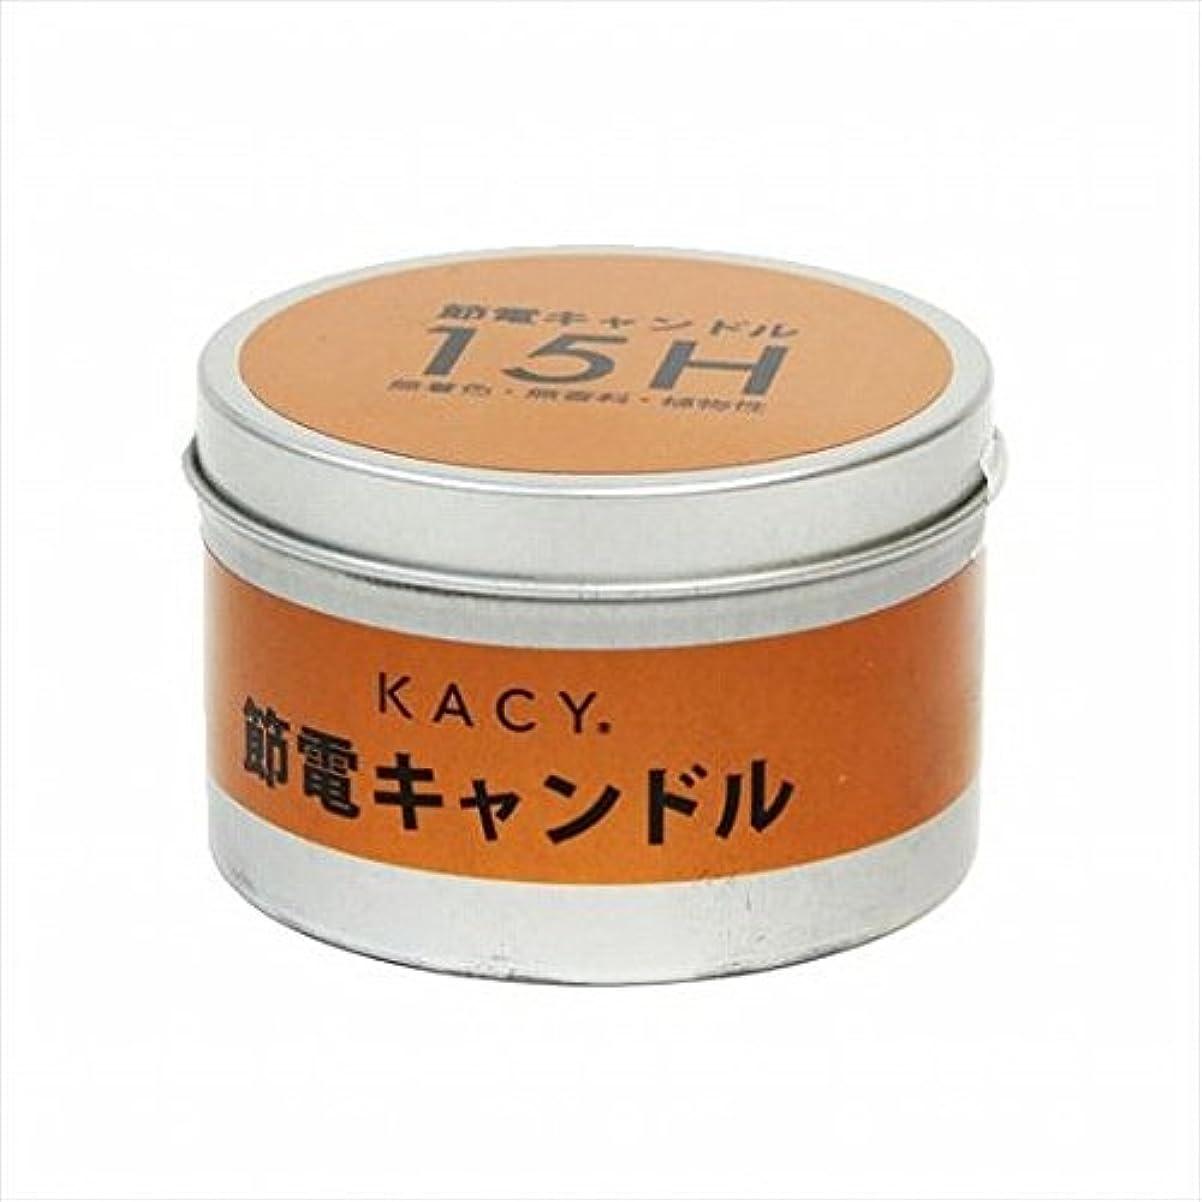 刺激する懺悔効果的kameyama candle(カメヤマキャンドル) 節電缶キャンドル15時間タイプ キャンドル 80x80x48mm (A9620000)